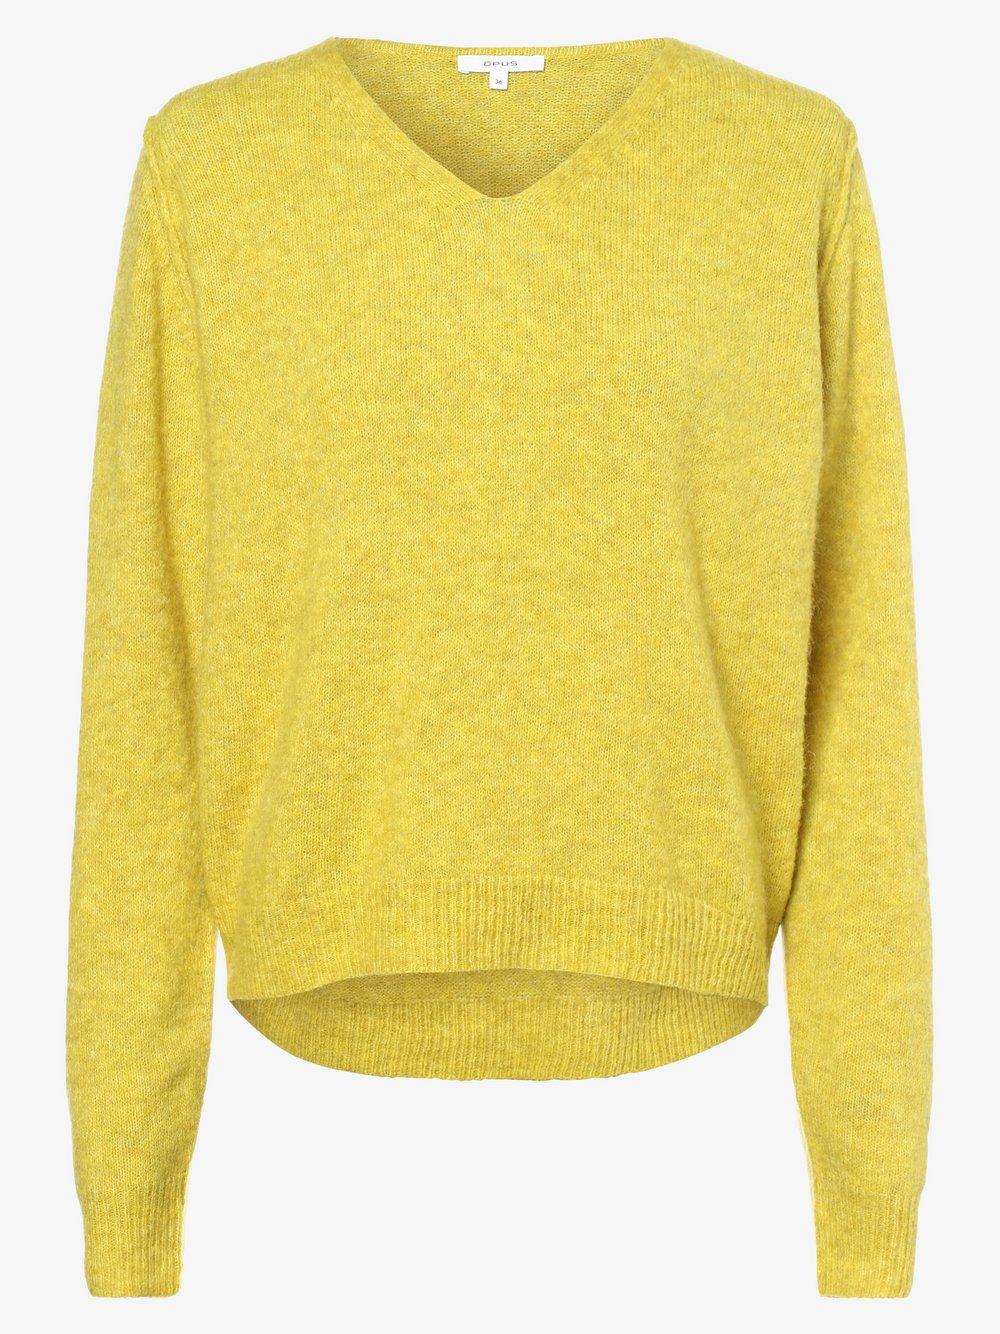 Opus - Sweter damski z dodatkiem moheru – Plunch, zielony